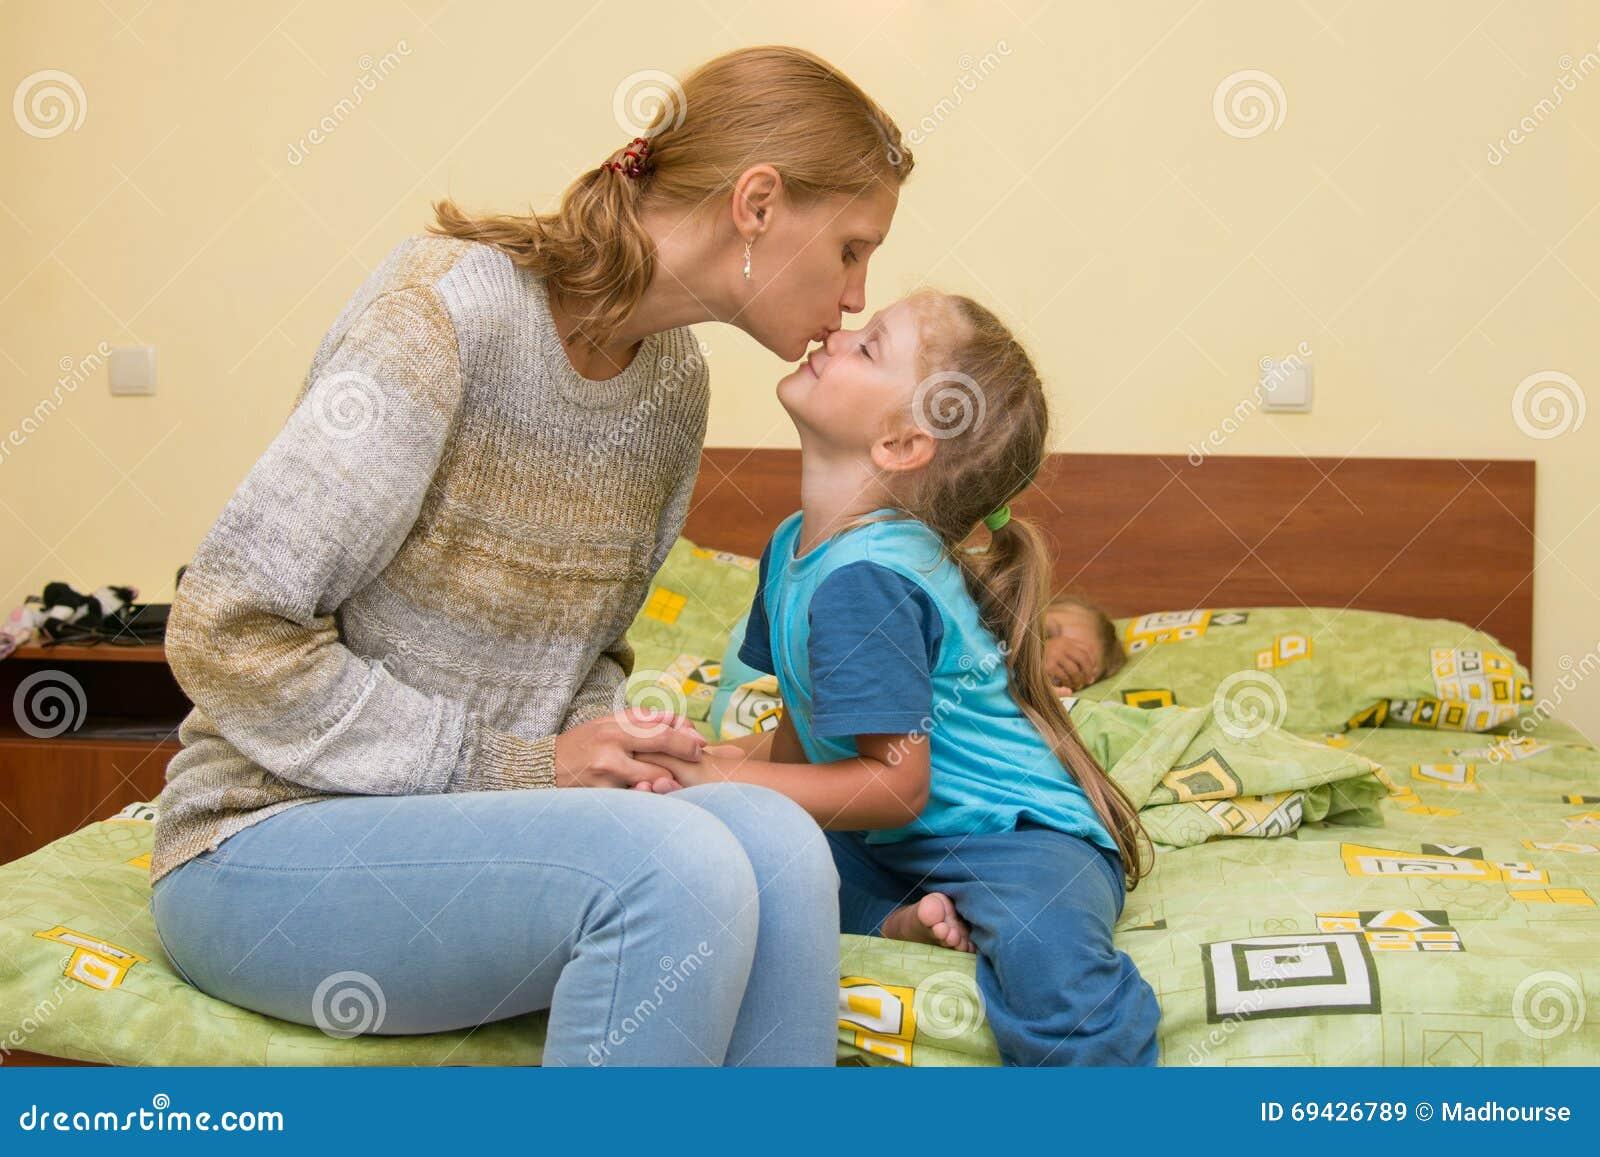 Мама и дочка язык к языку целуются